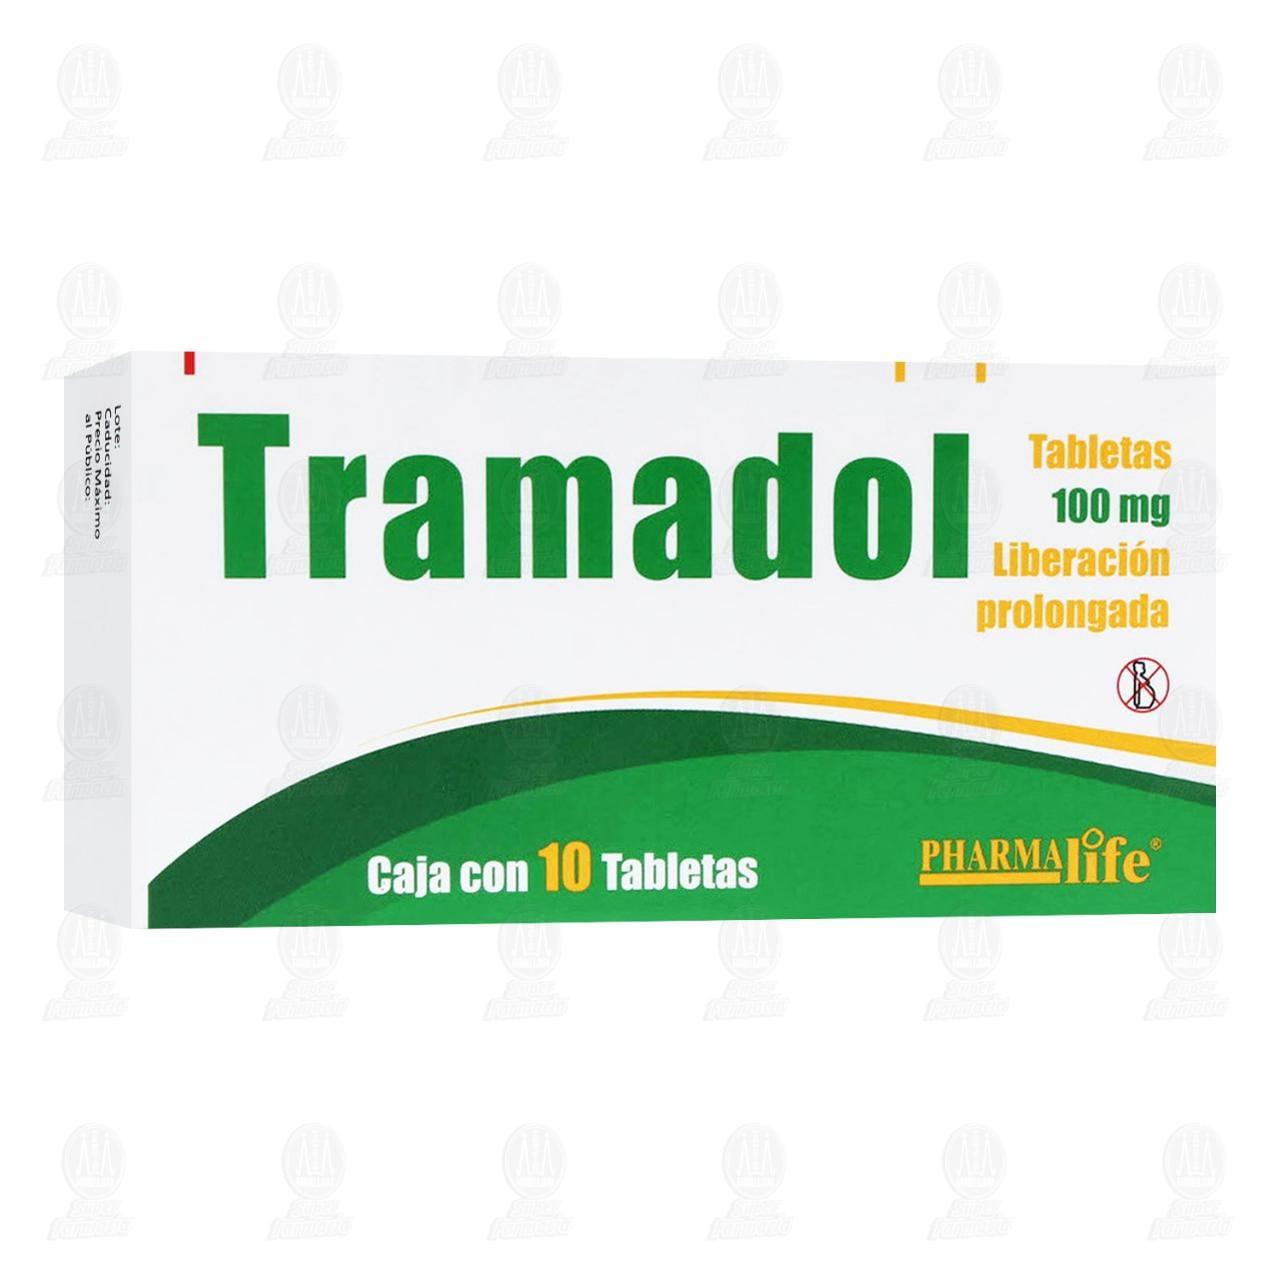 Comprar Tramadol 100mg 10 Tabletas Liberación Prolongada Pharmalife en Farmacias Guadalajara